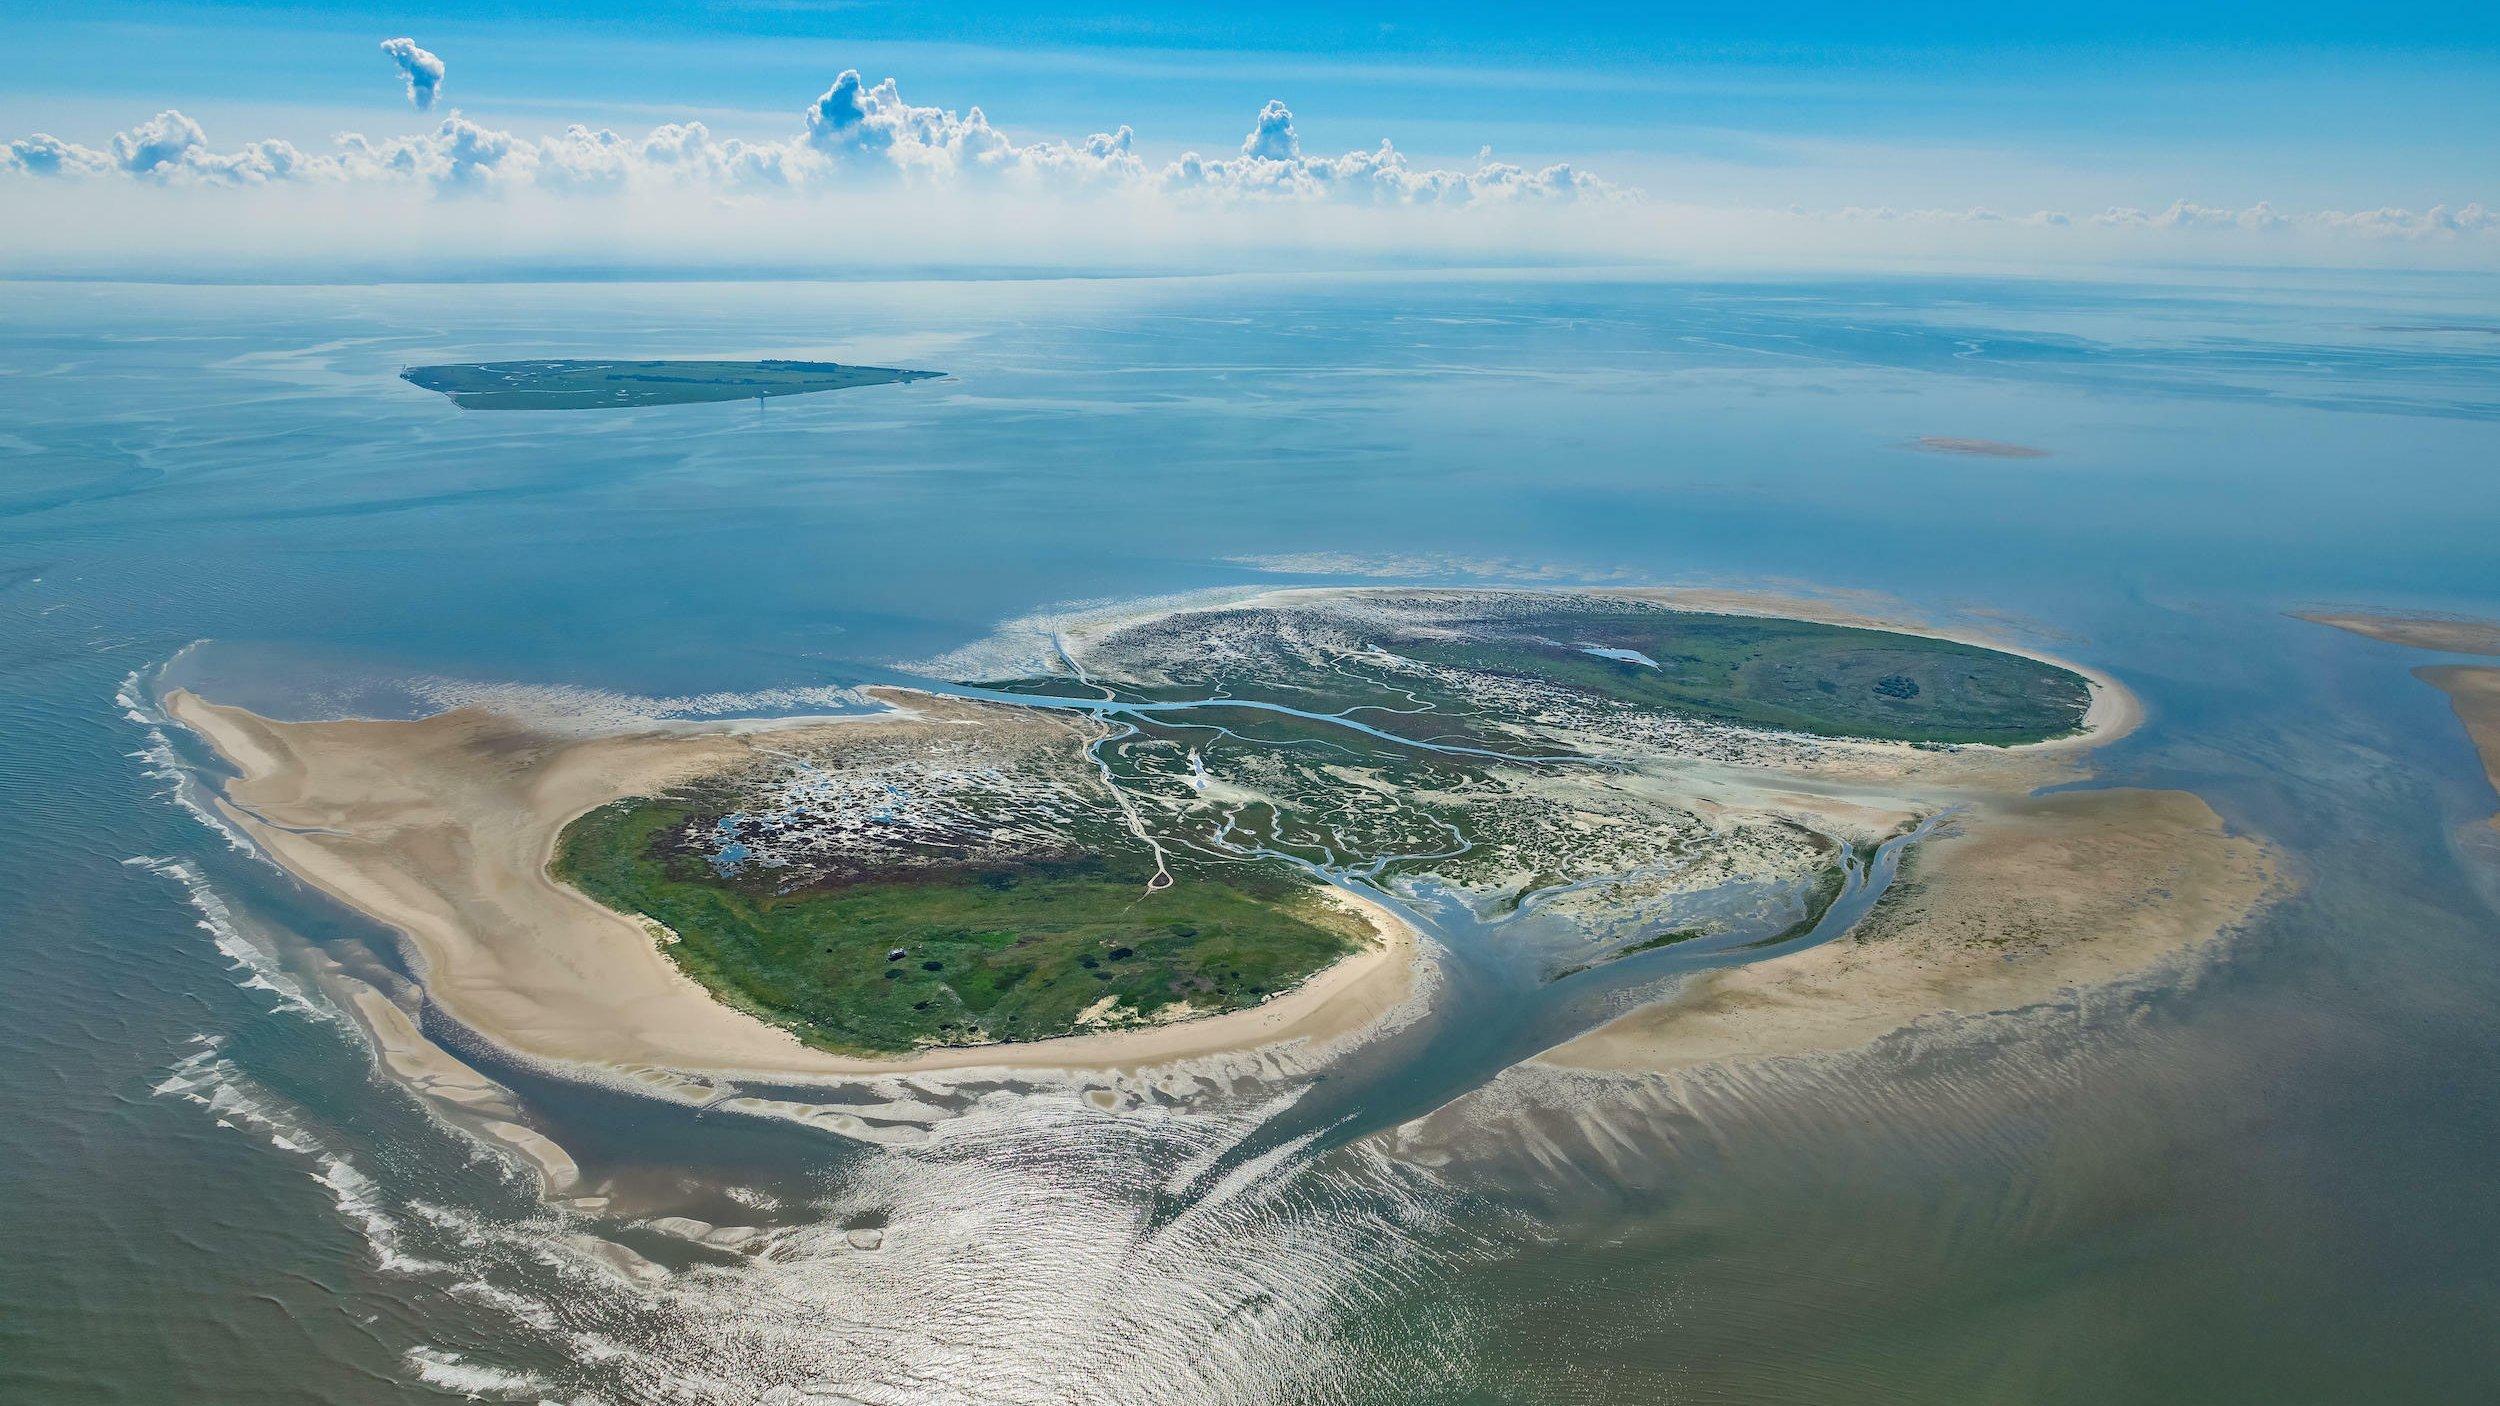 Die Inseln Nigehörn und Scharhörn in der Nordsee im Wattenmeer vor Cuxhaven im Bundesland aus der Luft. Es sieht fast aus wie tropische Inseln.